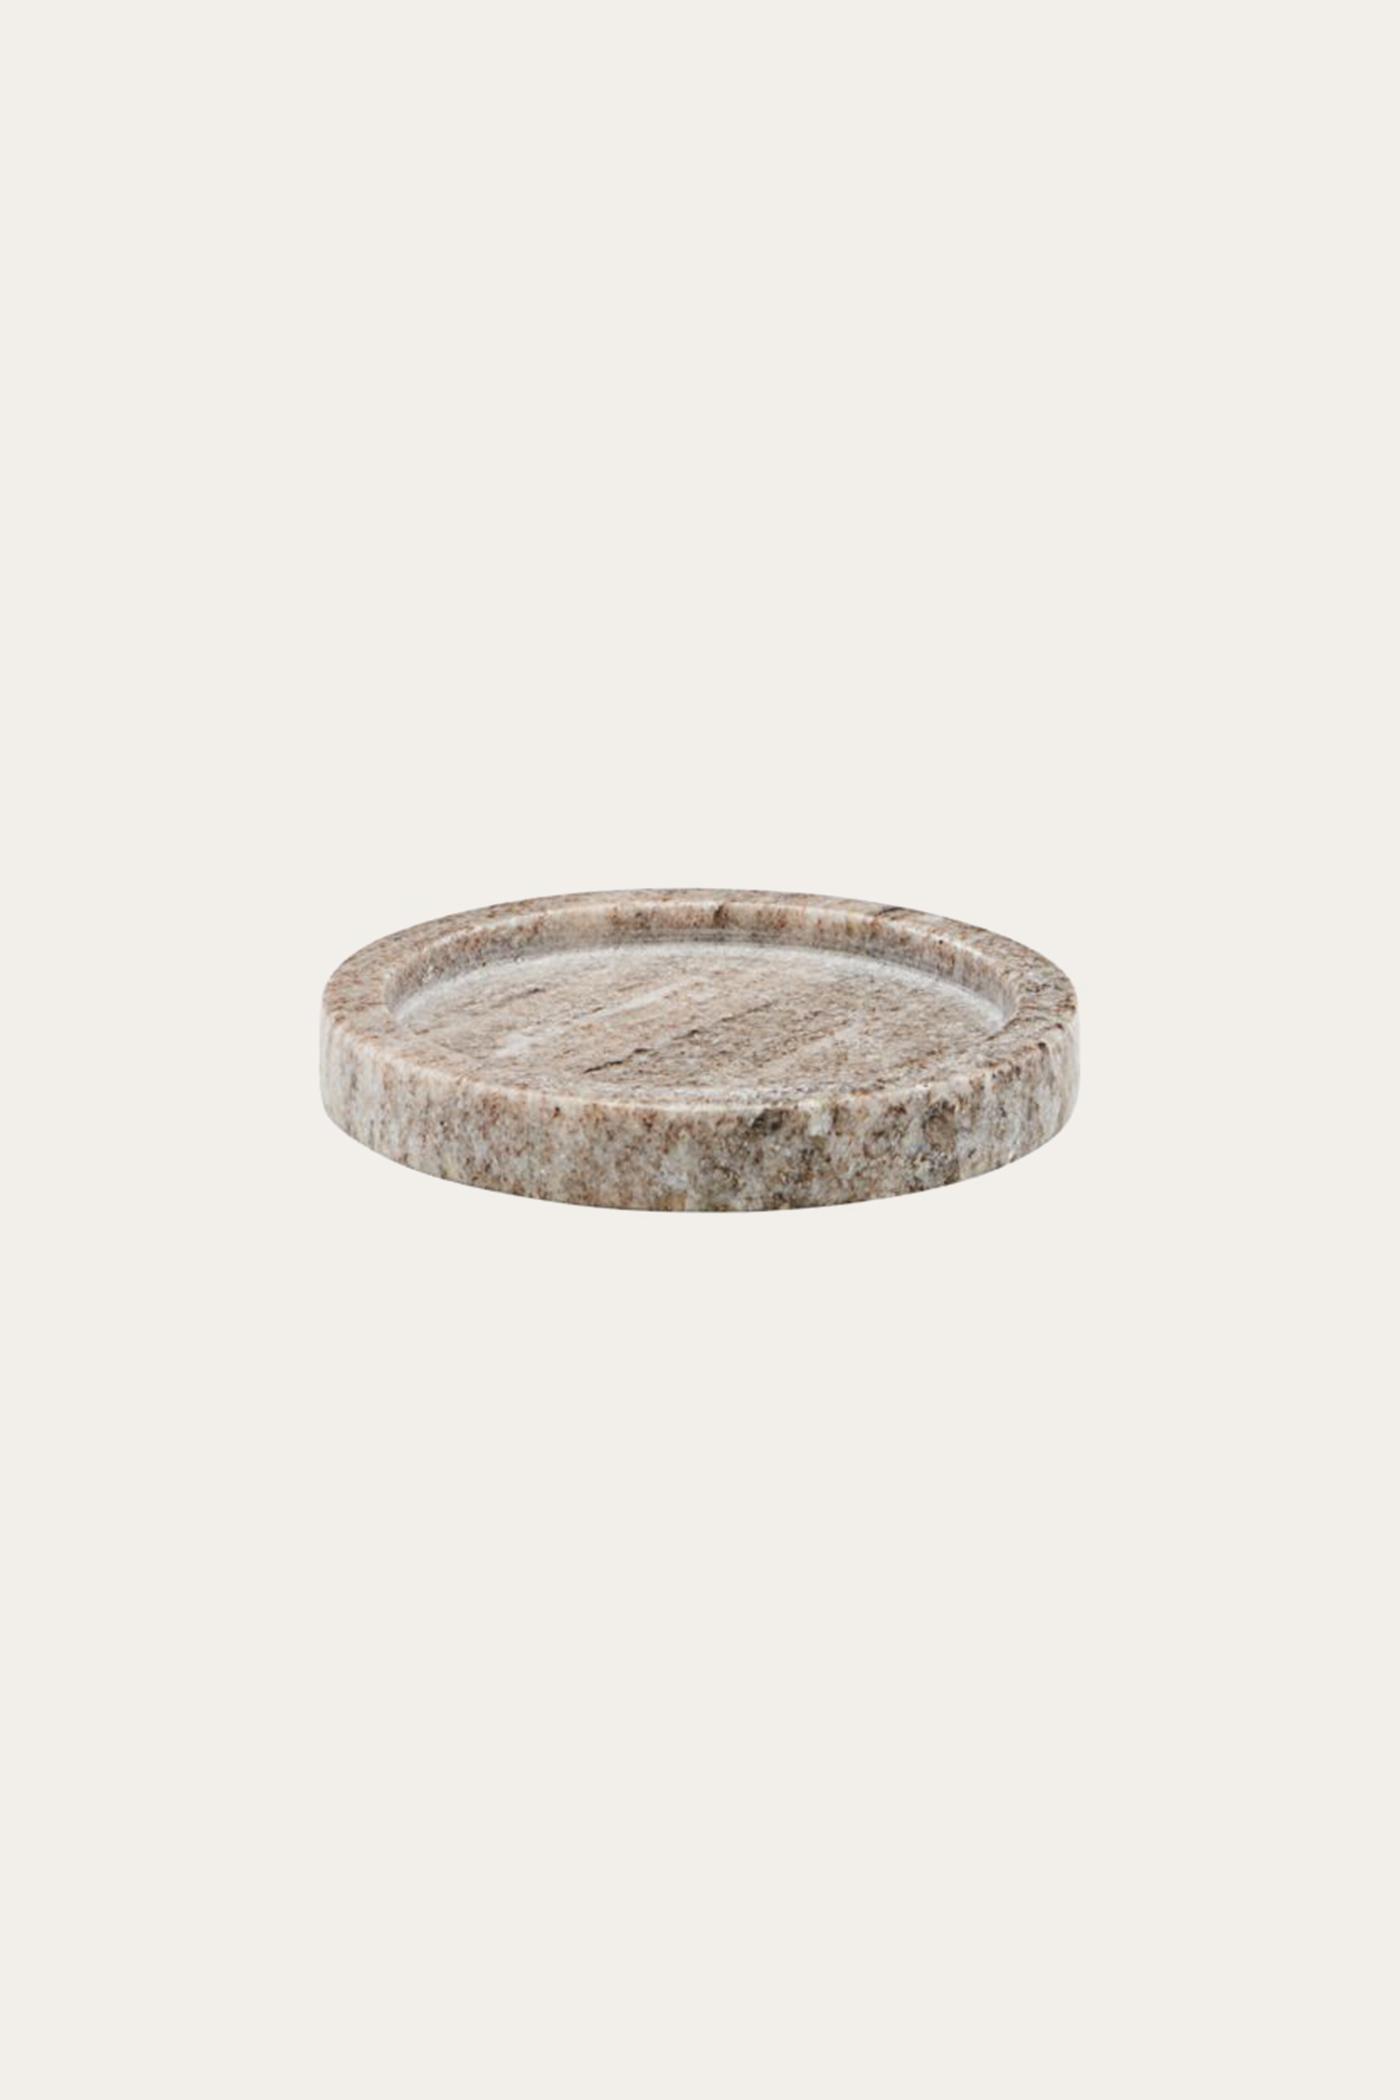 Meraki Small Tray